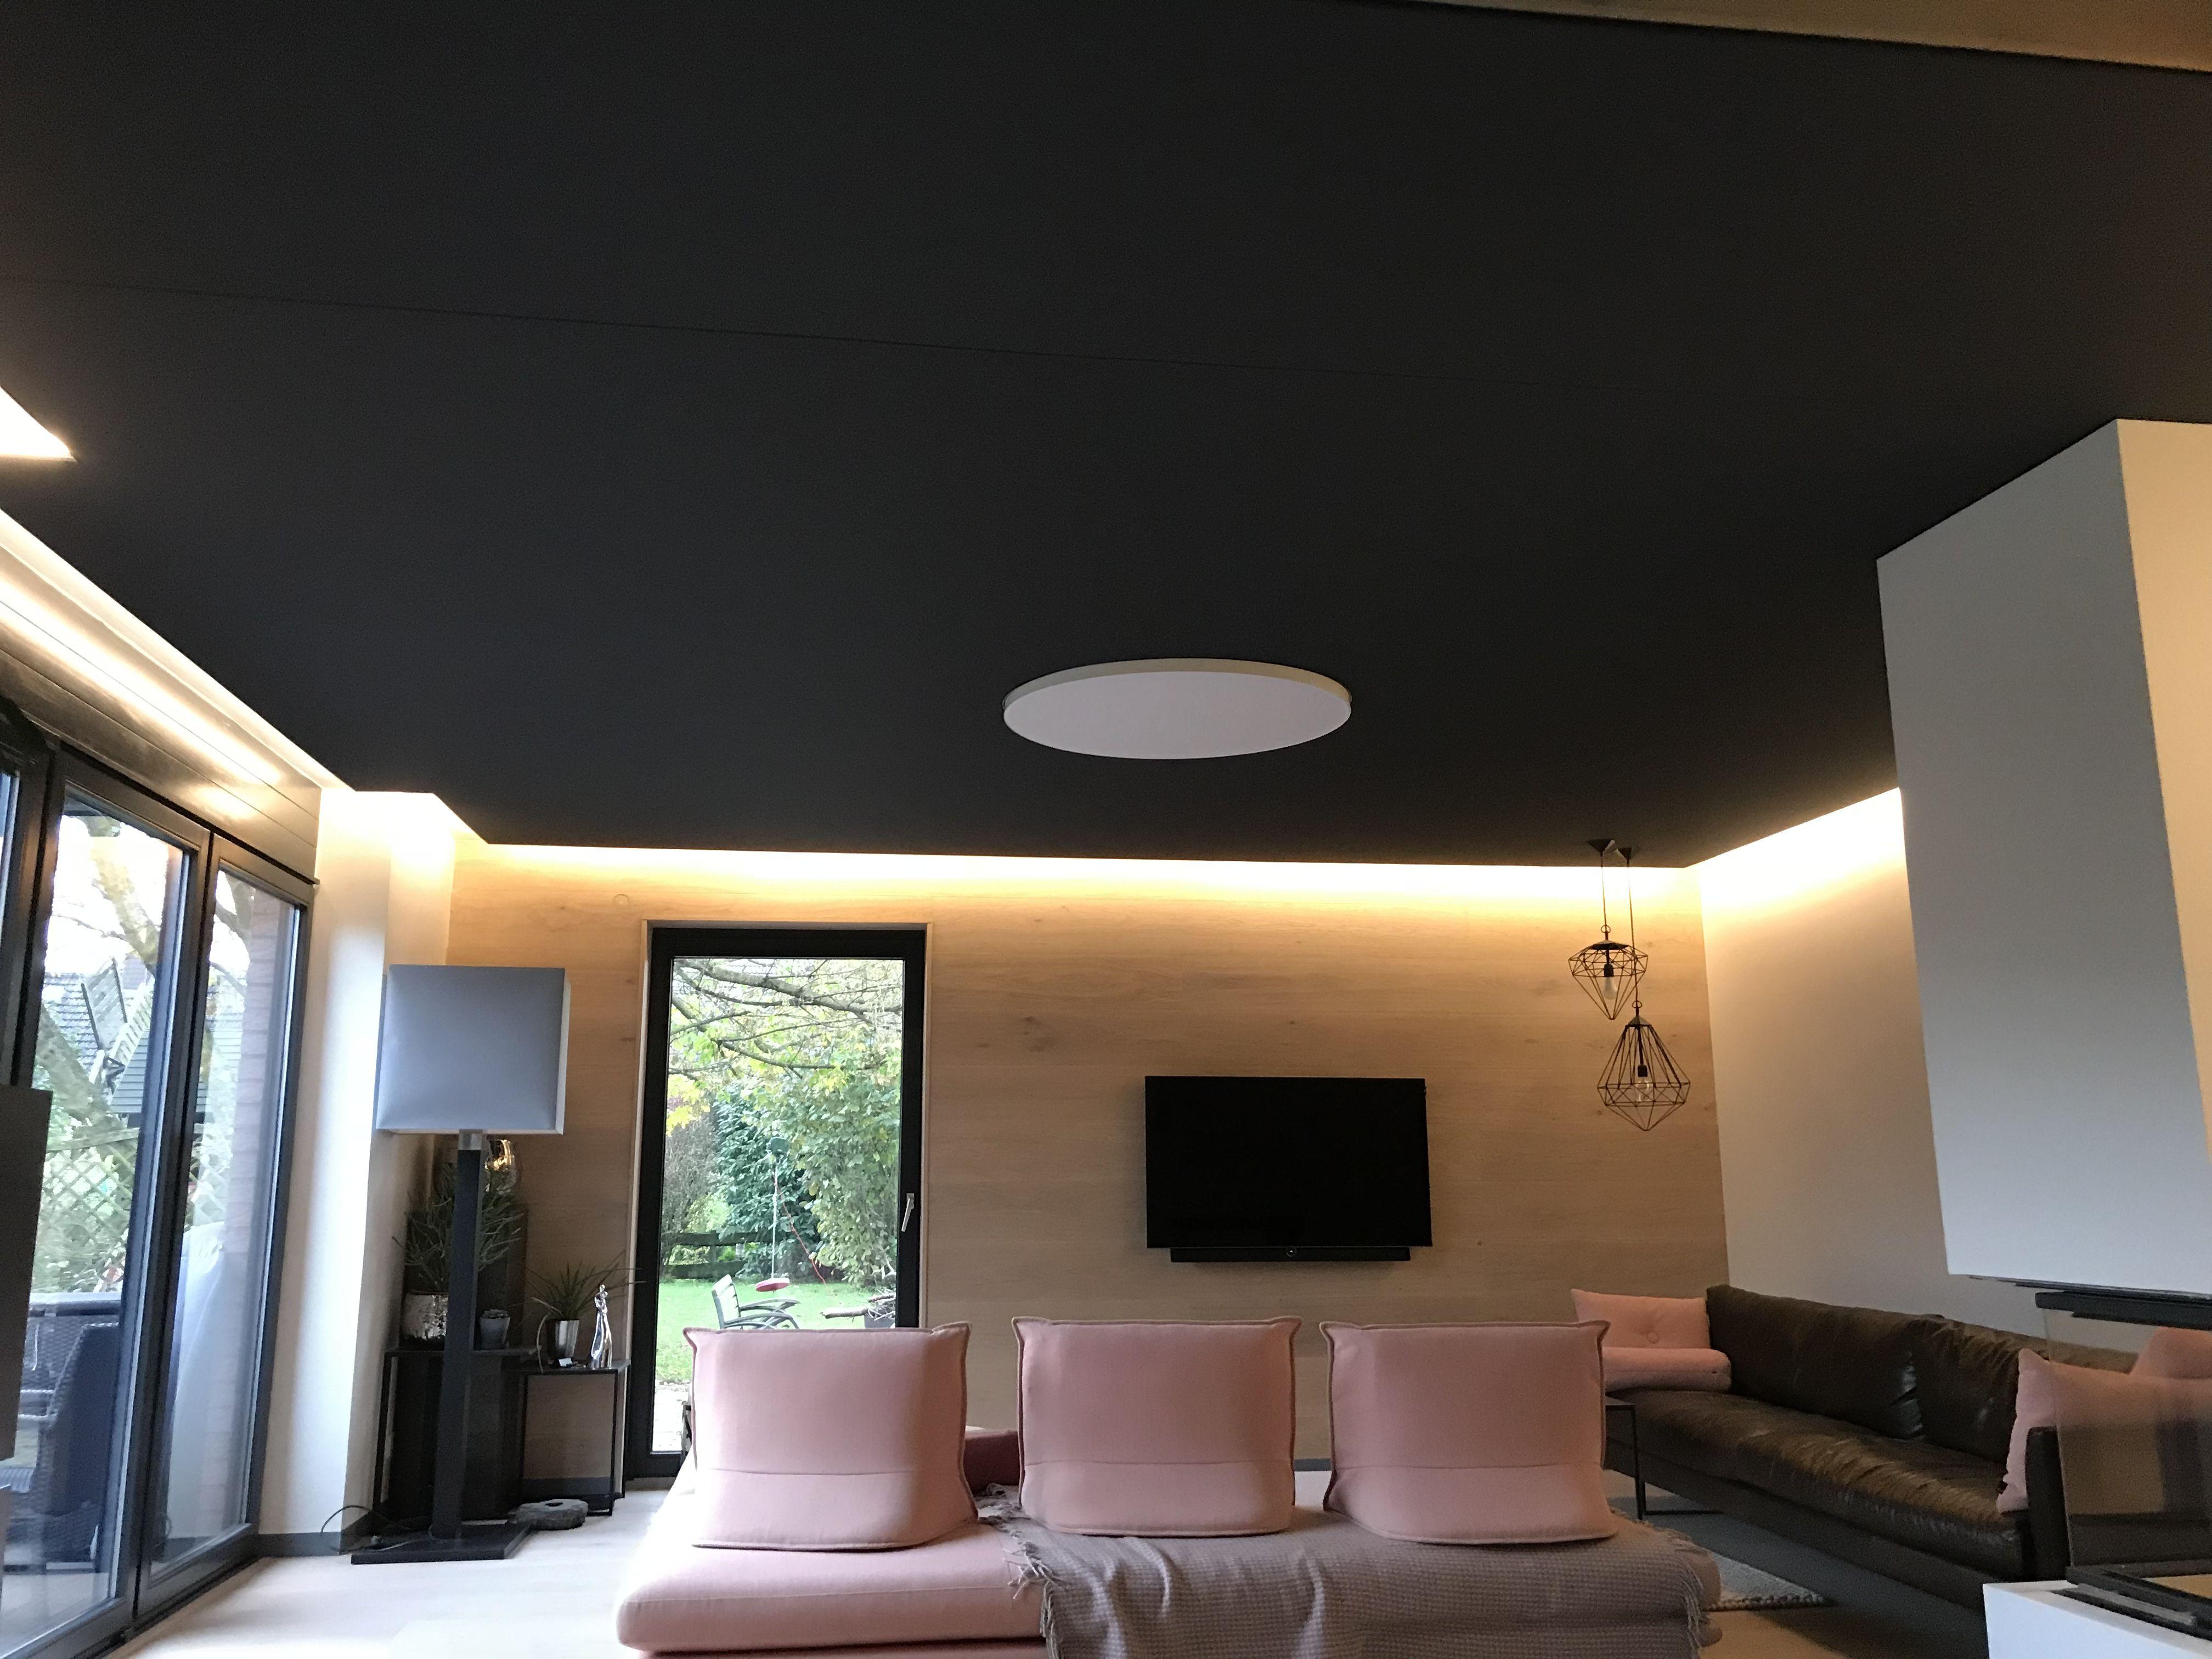 Gewebespanndecke In Anthrazit Mit Indirekter Beleuchtung Im Wohnzimmer